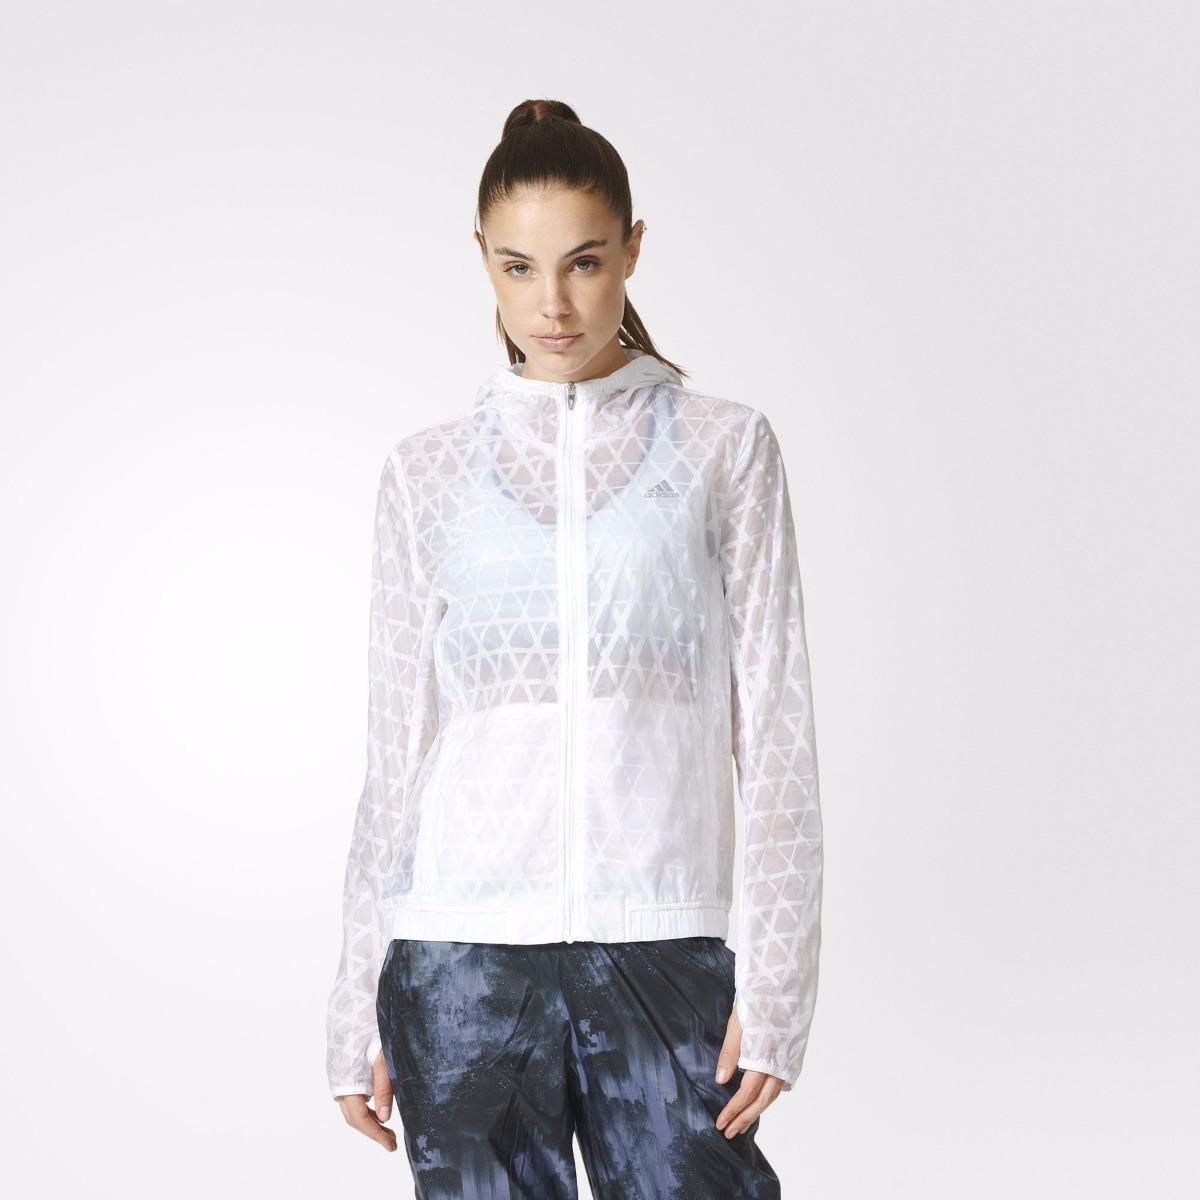 842889110f5 jaqueta transparente adidas original - nova. Carregando zoom.